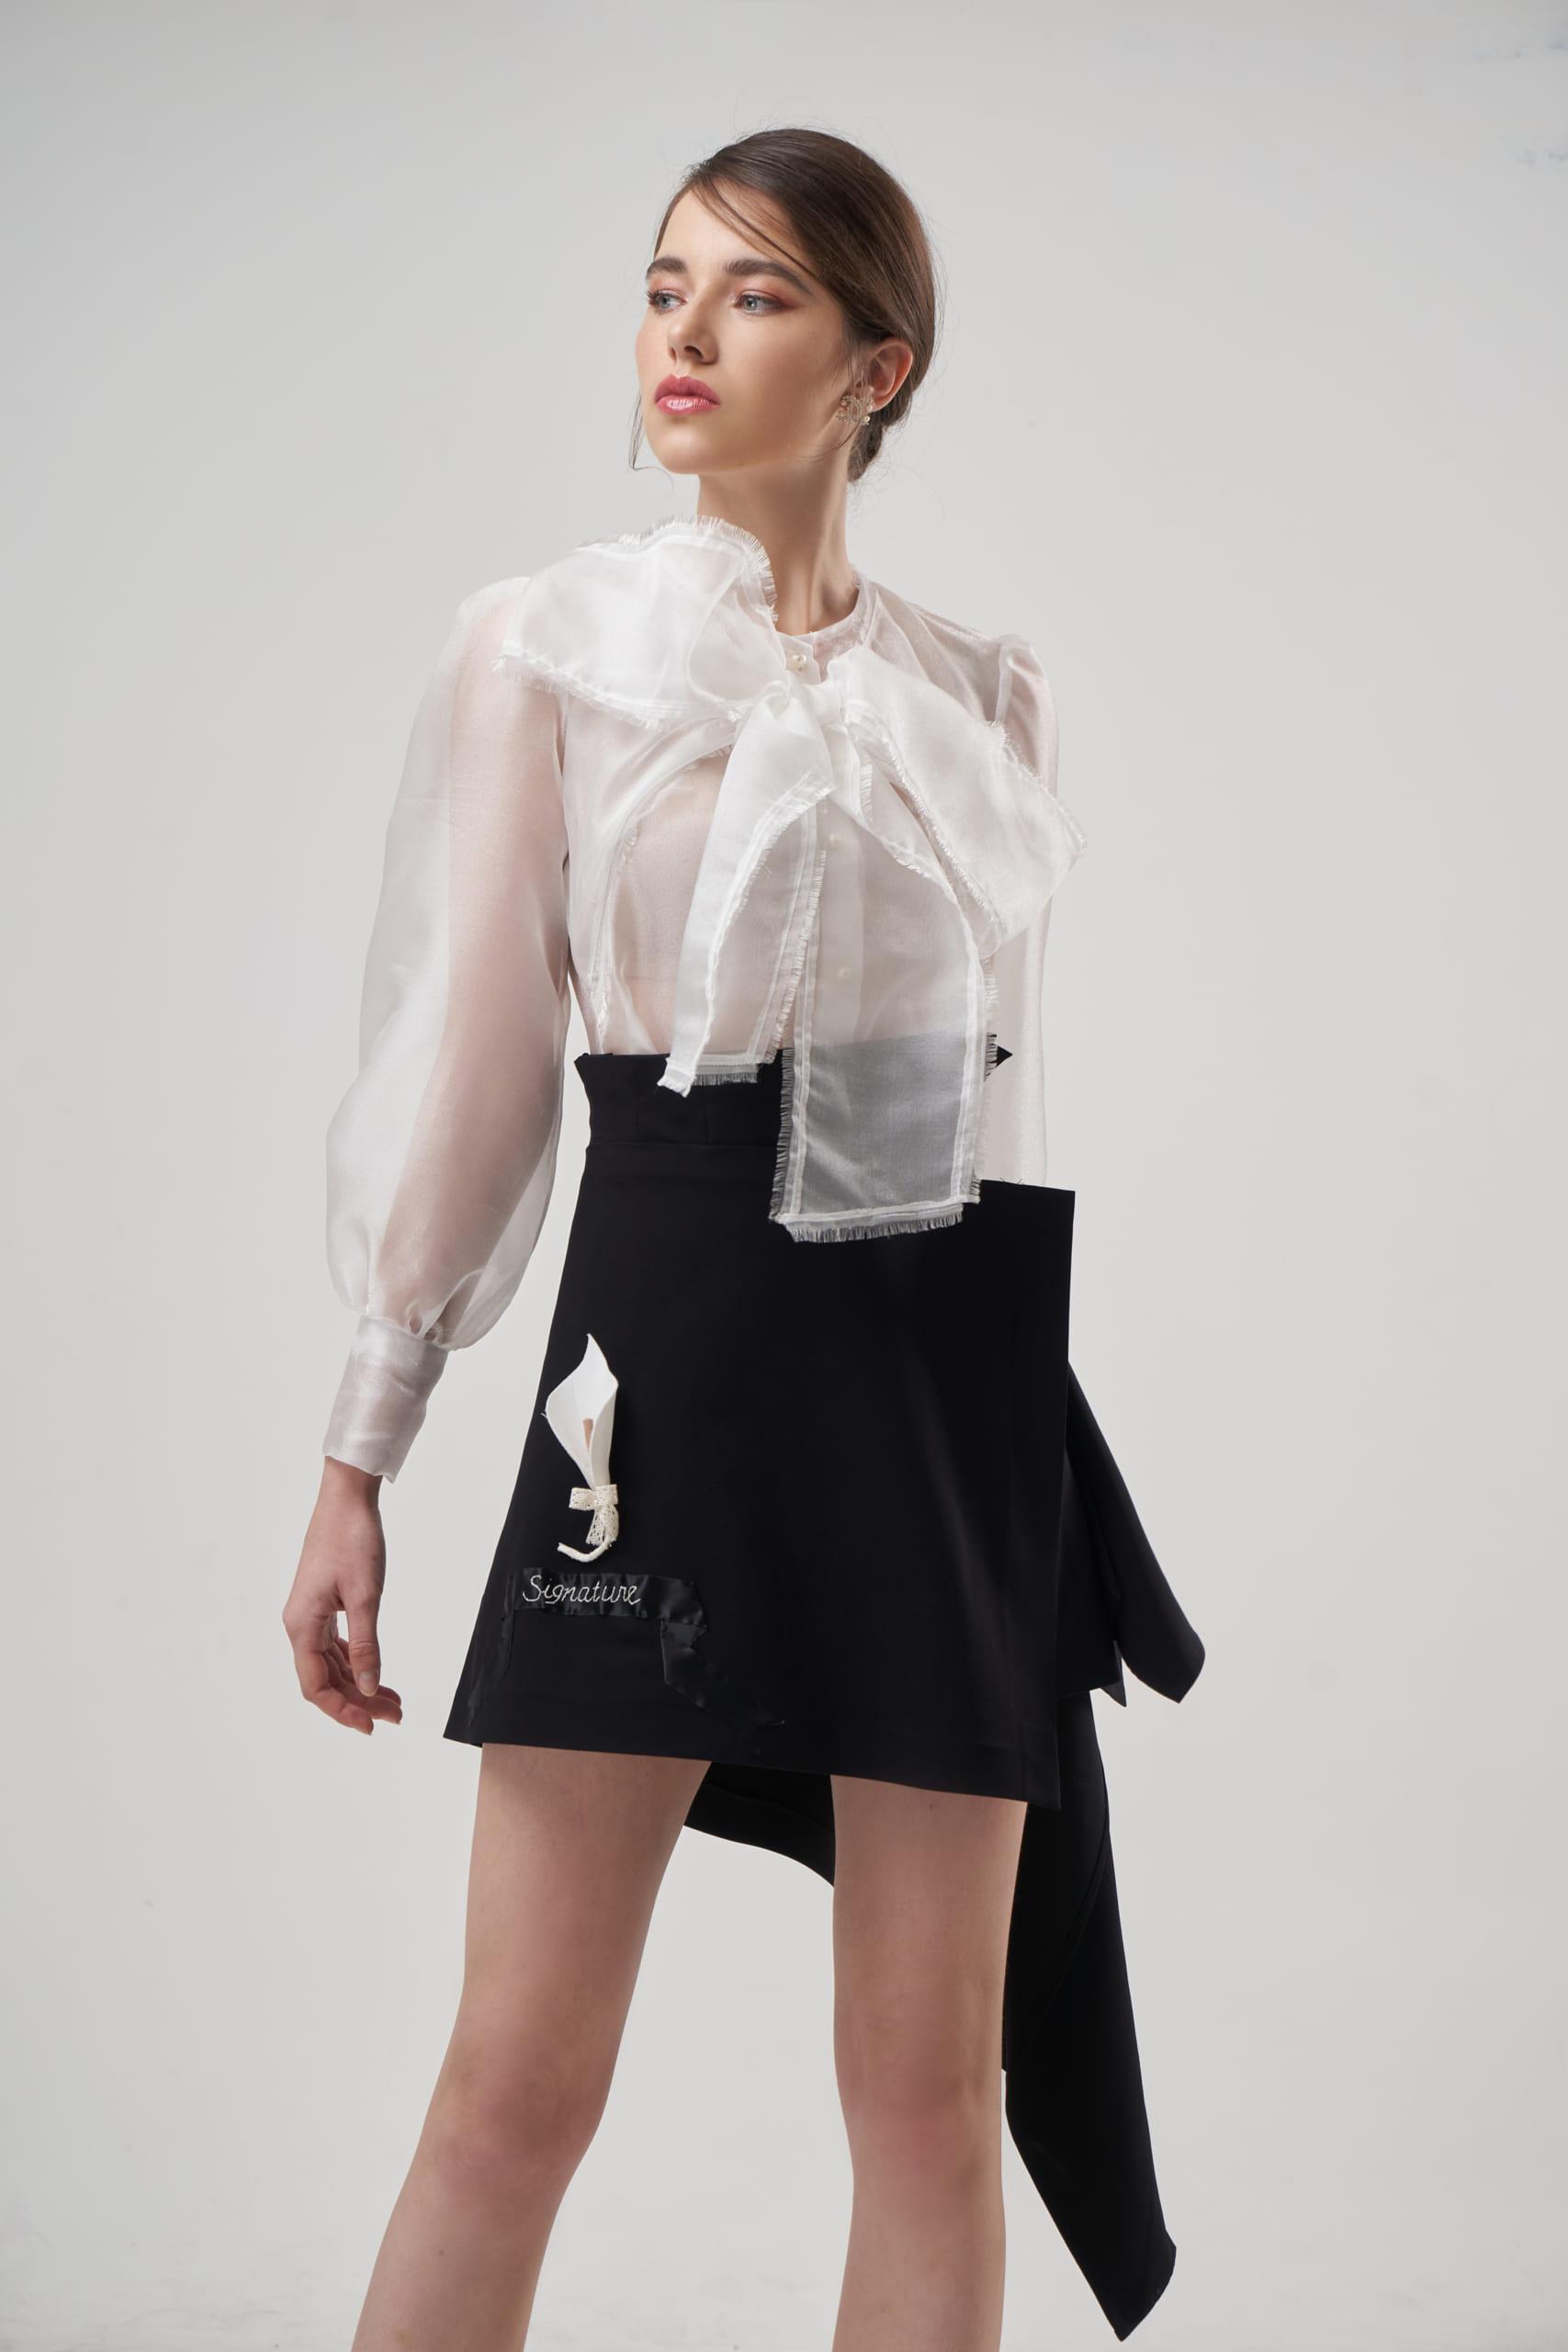 Signature Skirt